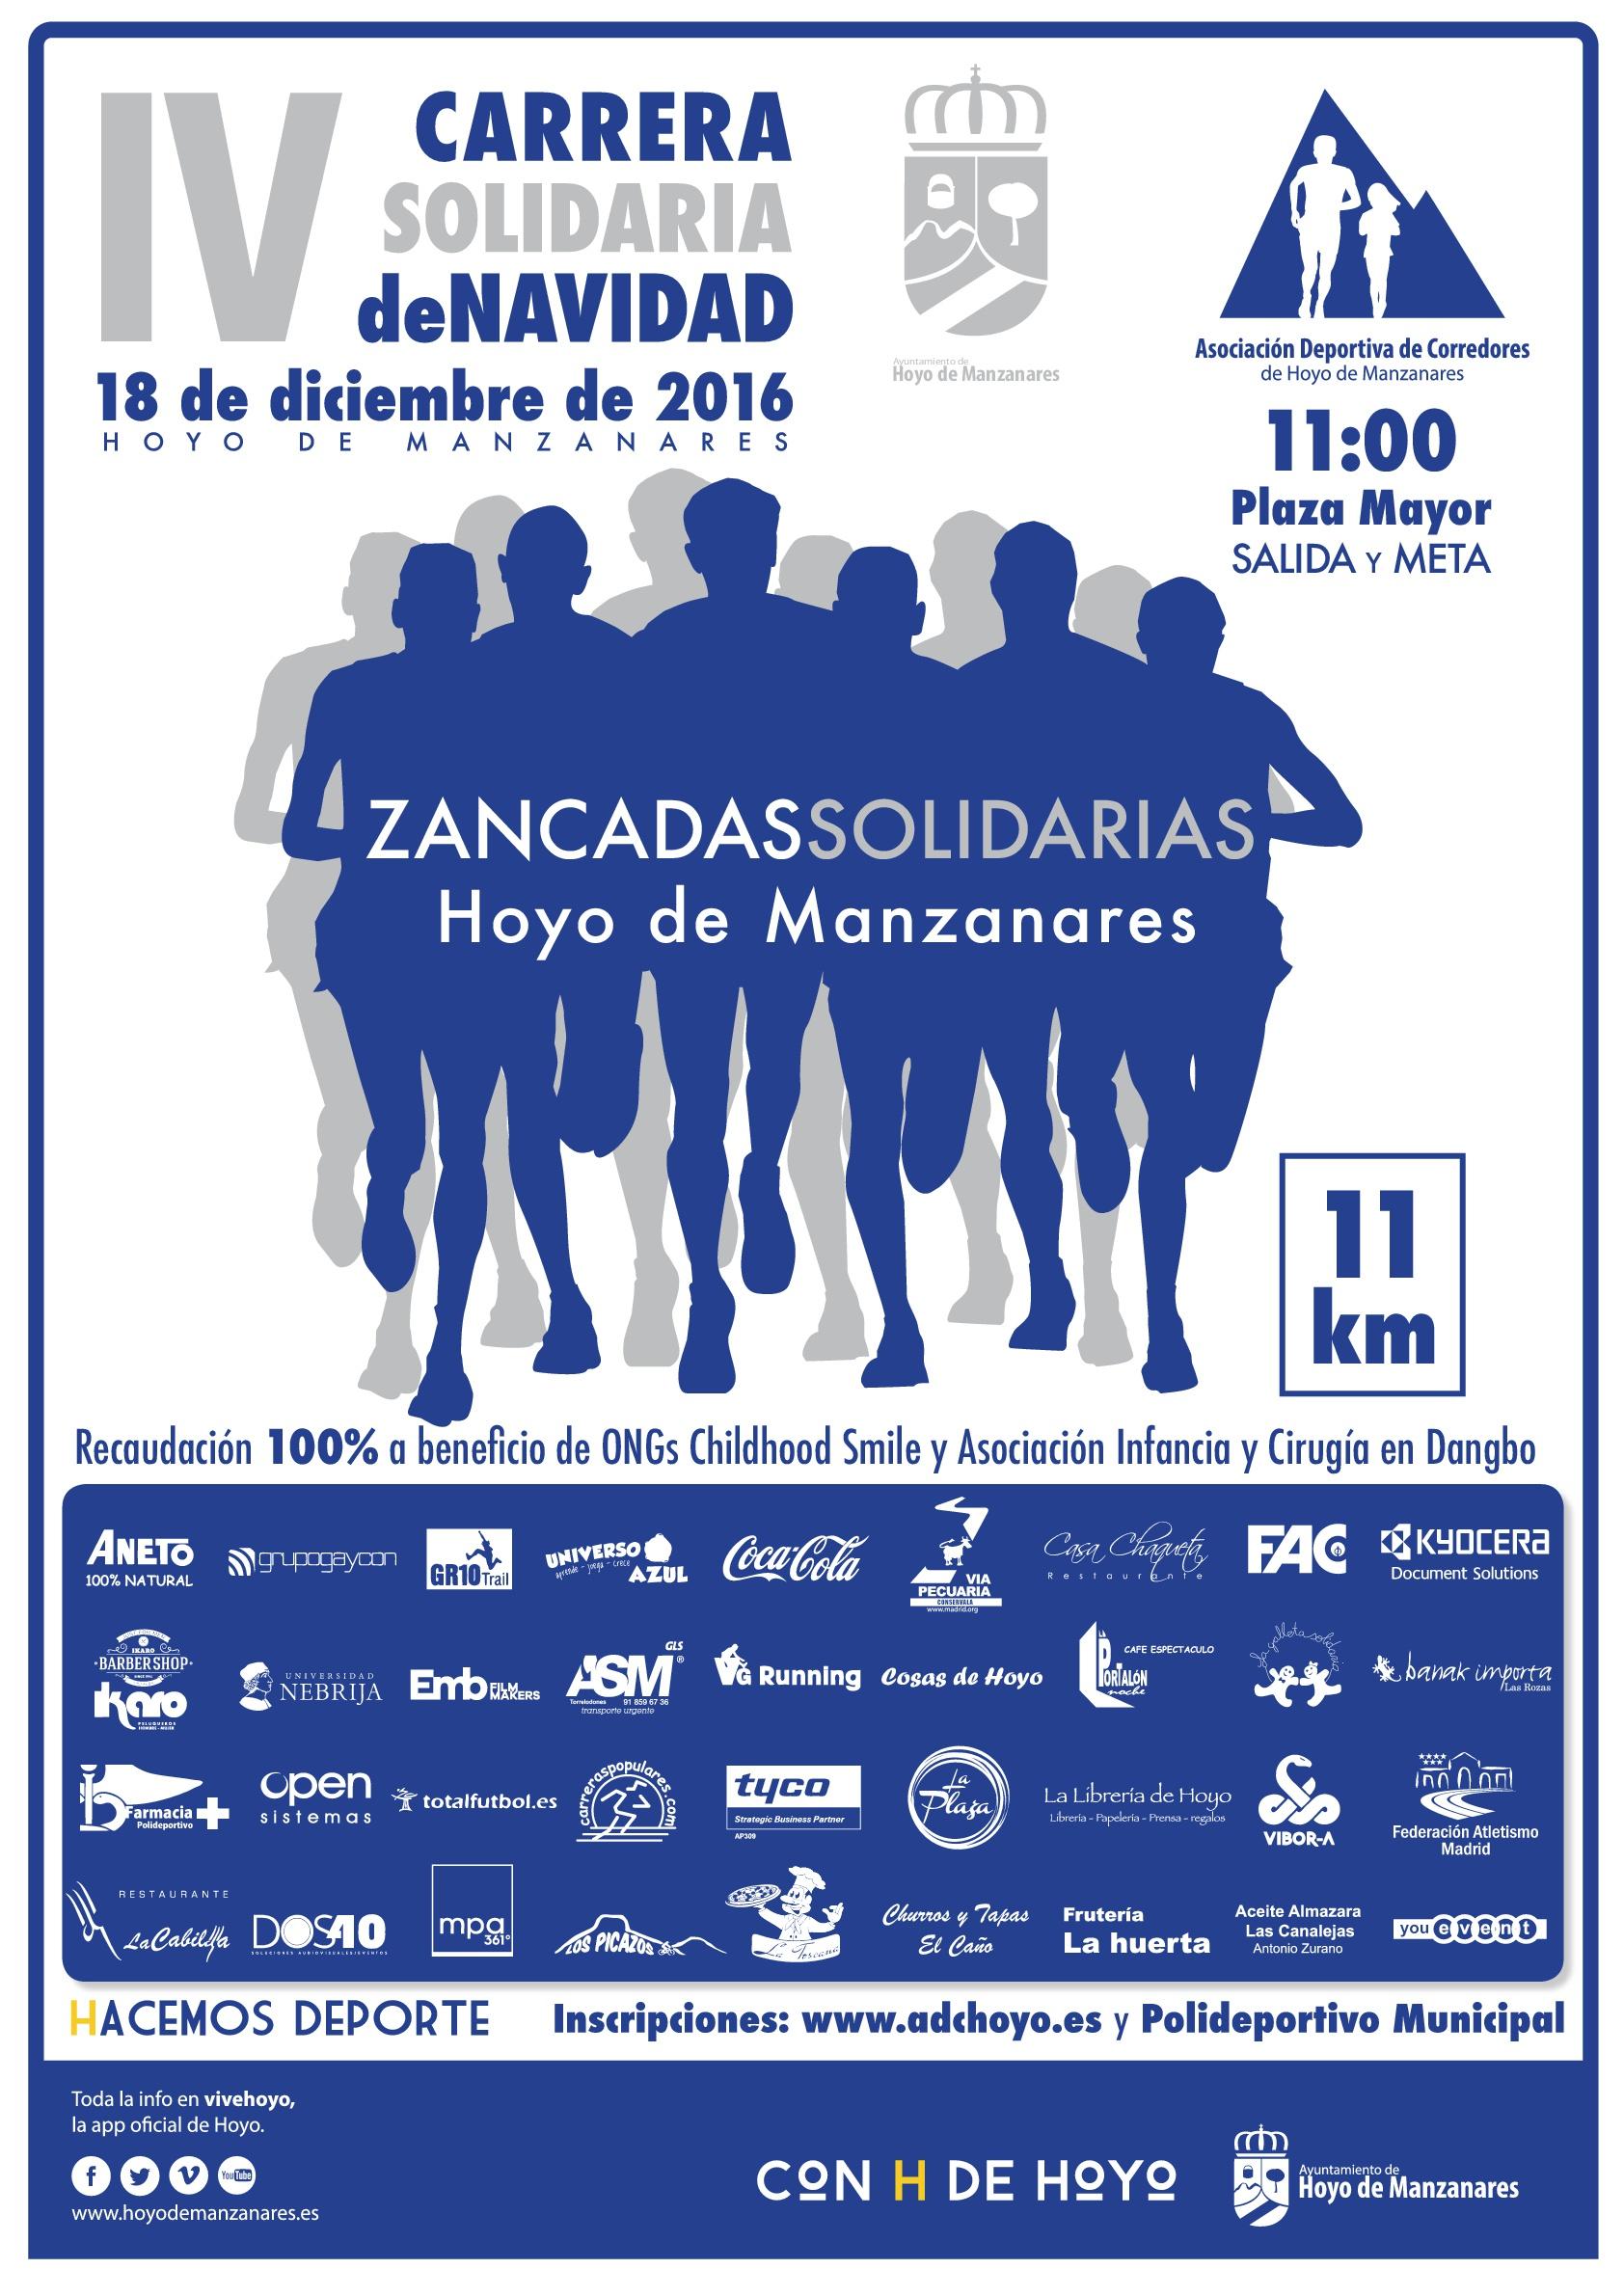 Zancadas Solidarias 2016